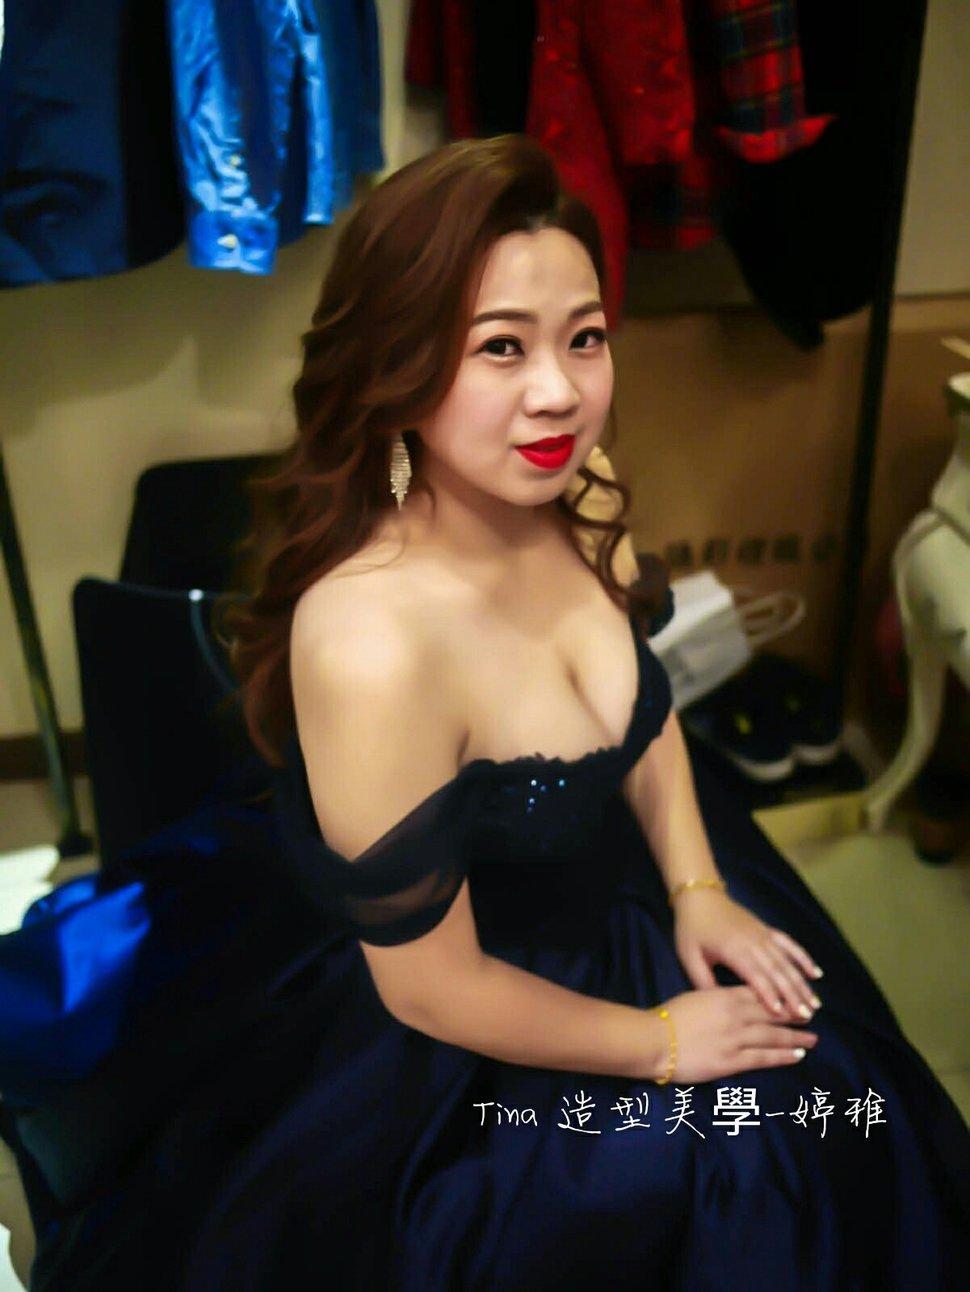 婚宴造型_190104_0001 - 雲林新秘/嘉義新娘秘書/Tina造型美學《結婚吧》